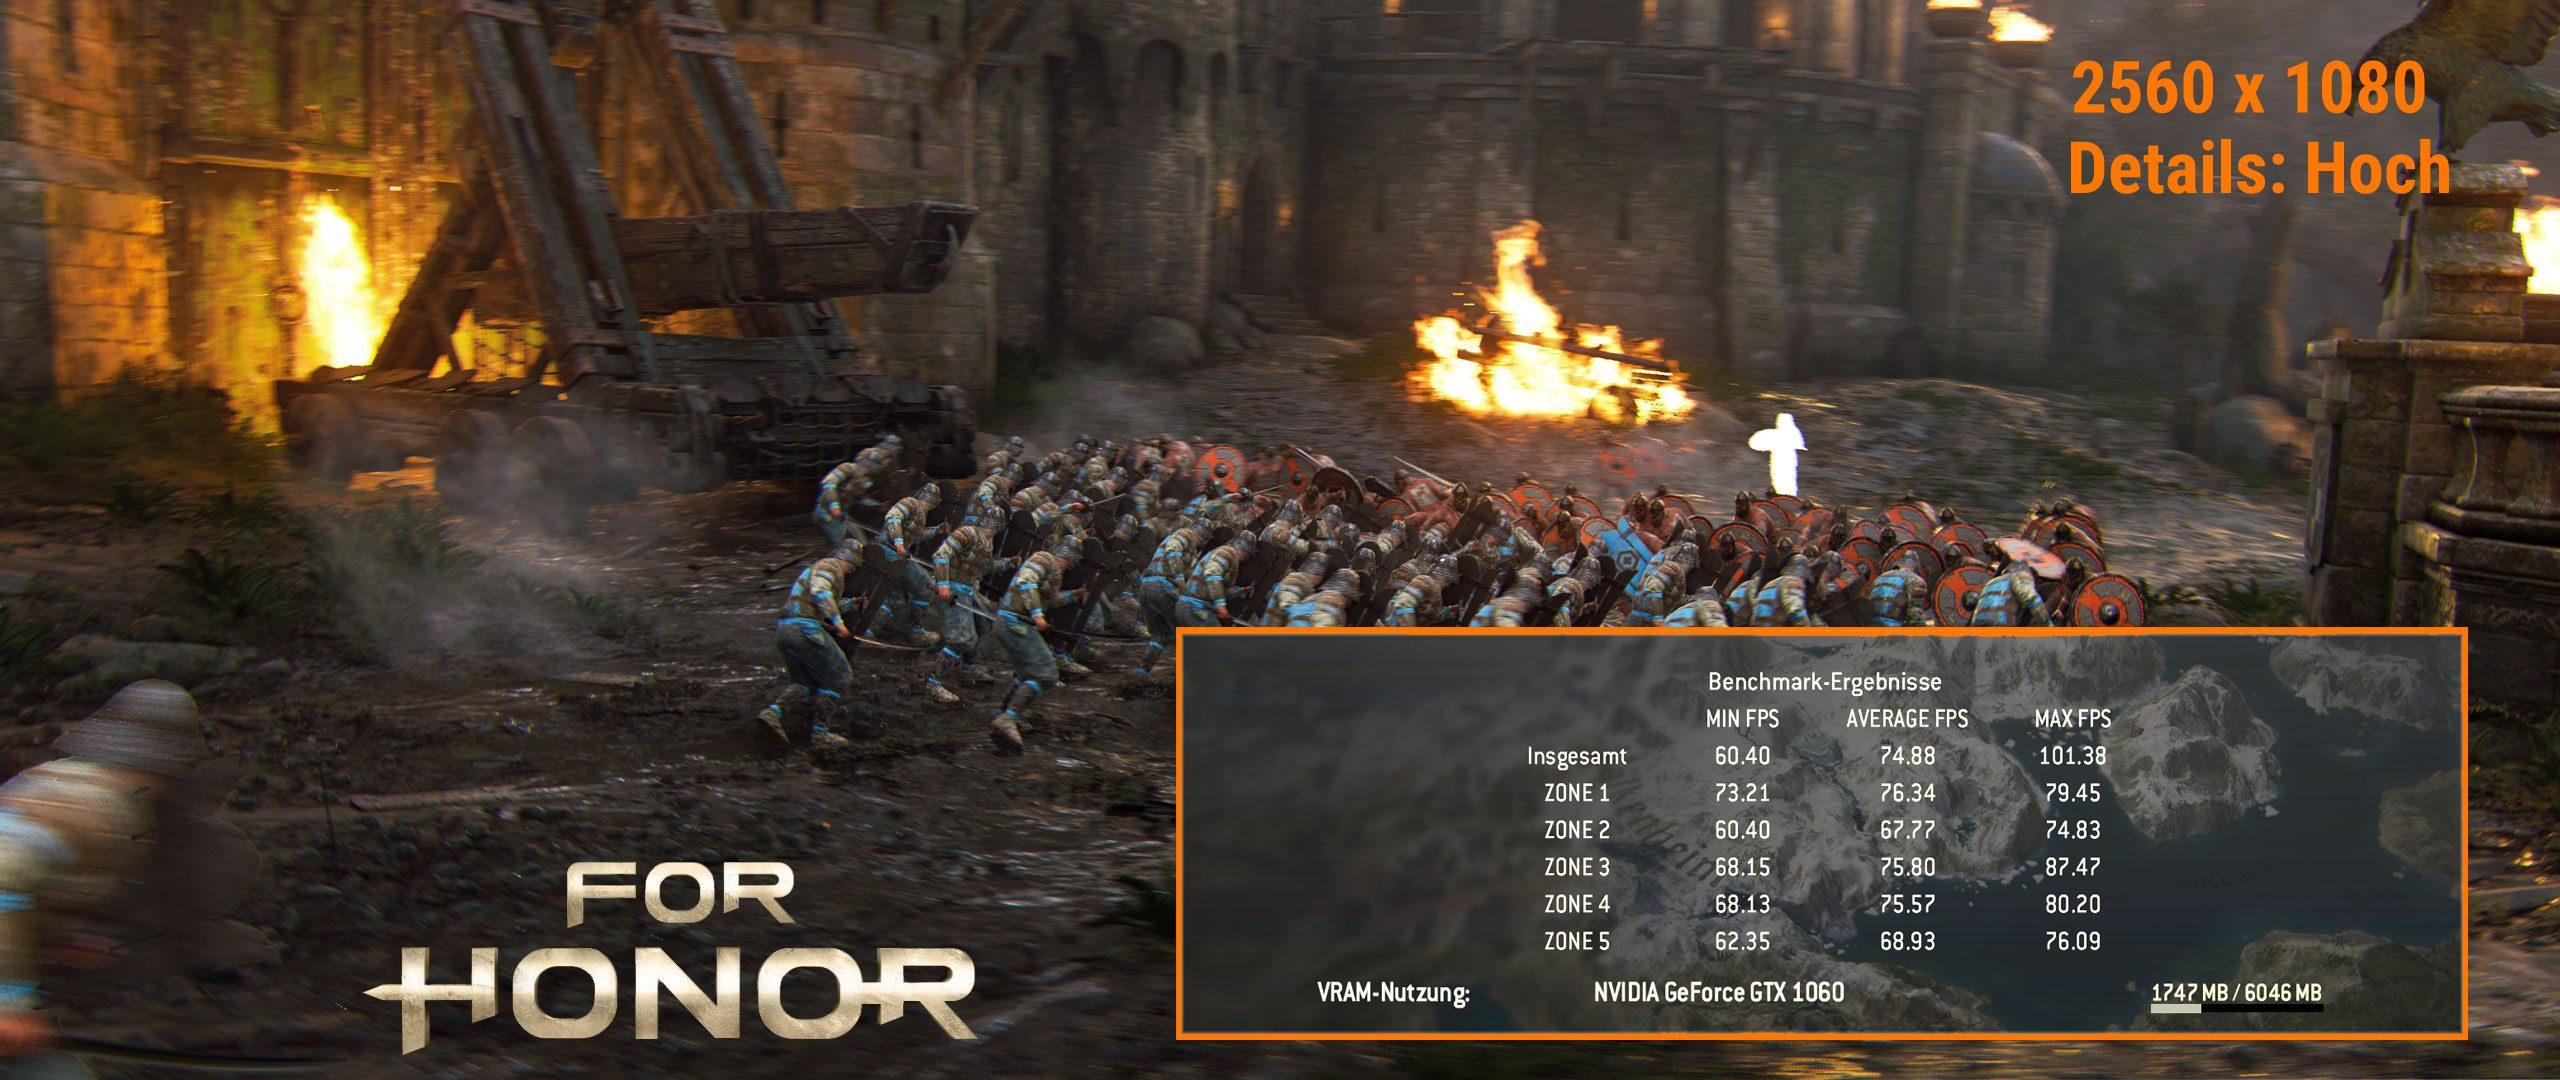 Schenker-XMG-A517-dxf_Games-Monitor_6